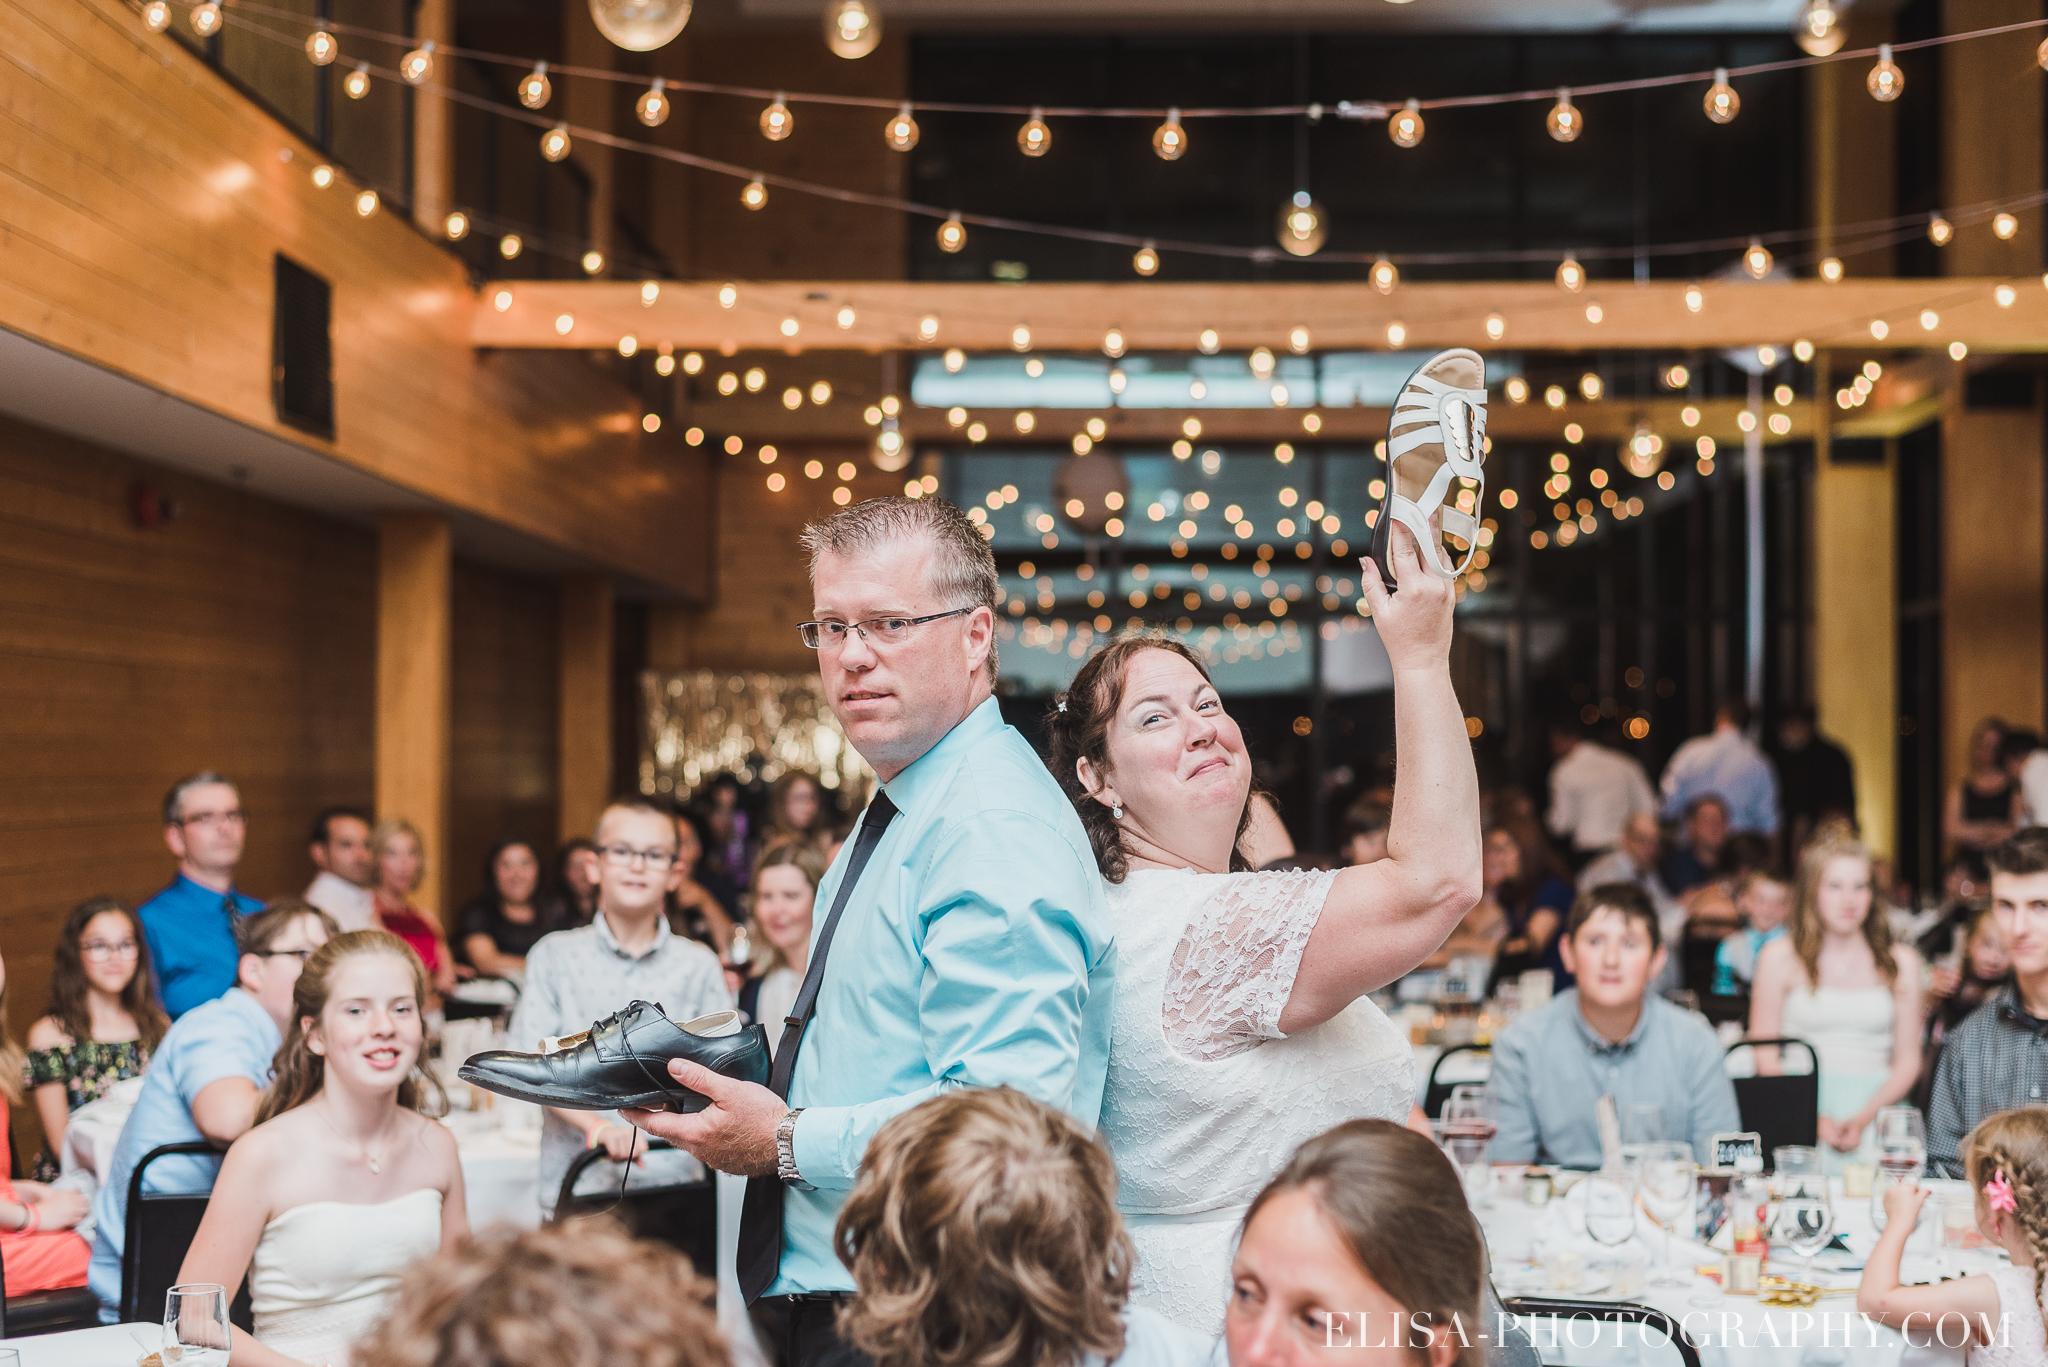 photo mariage quebec baie beauport reception fete danse des maries jeux soulier 8958 - Mariage à la plage de la baie de Beauport